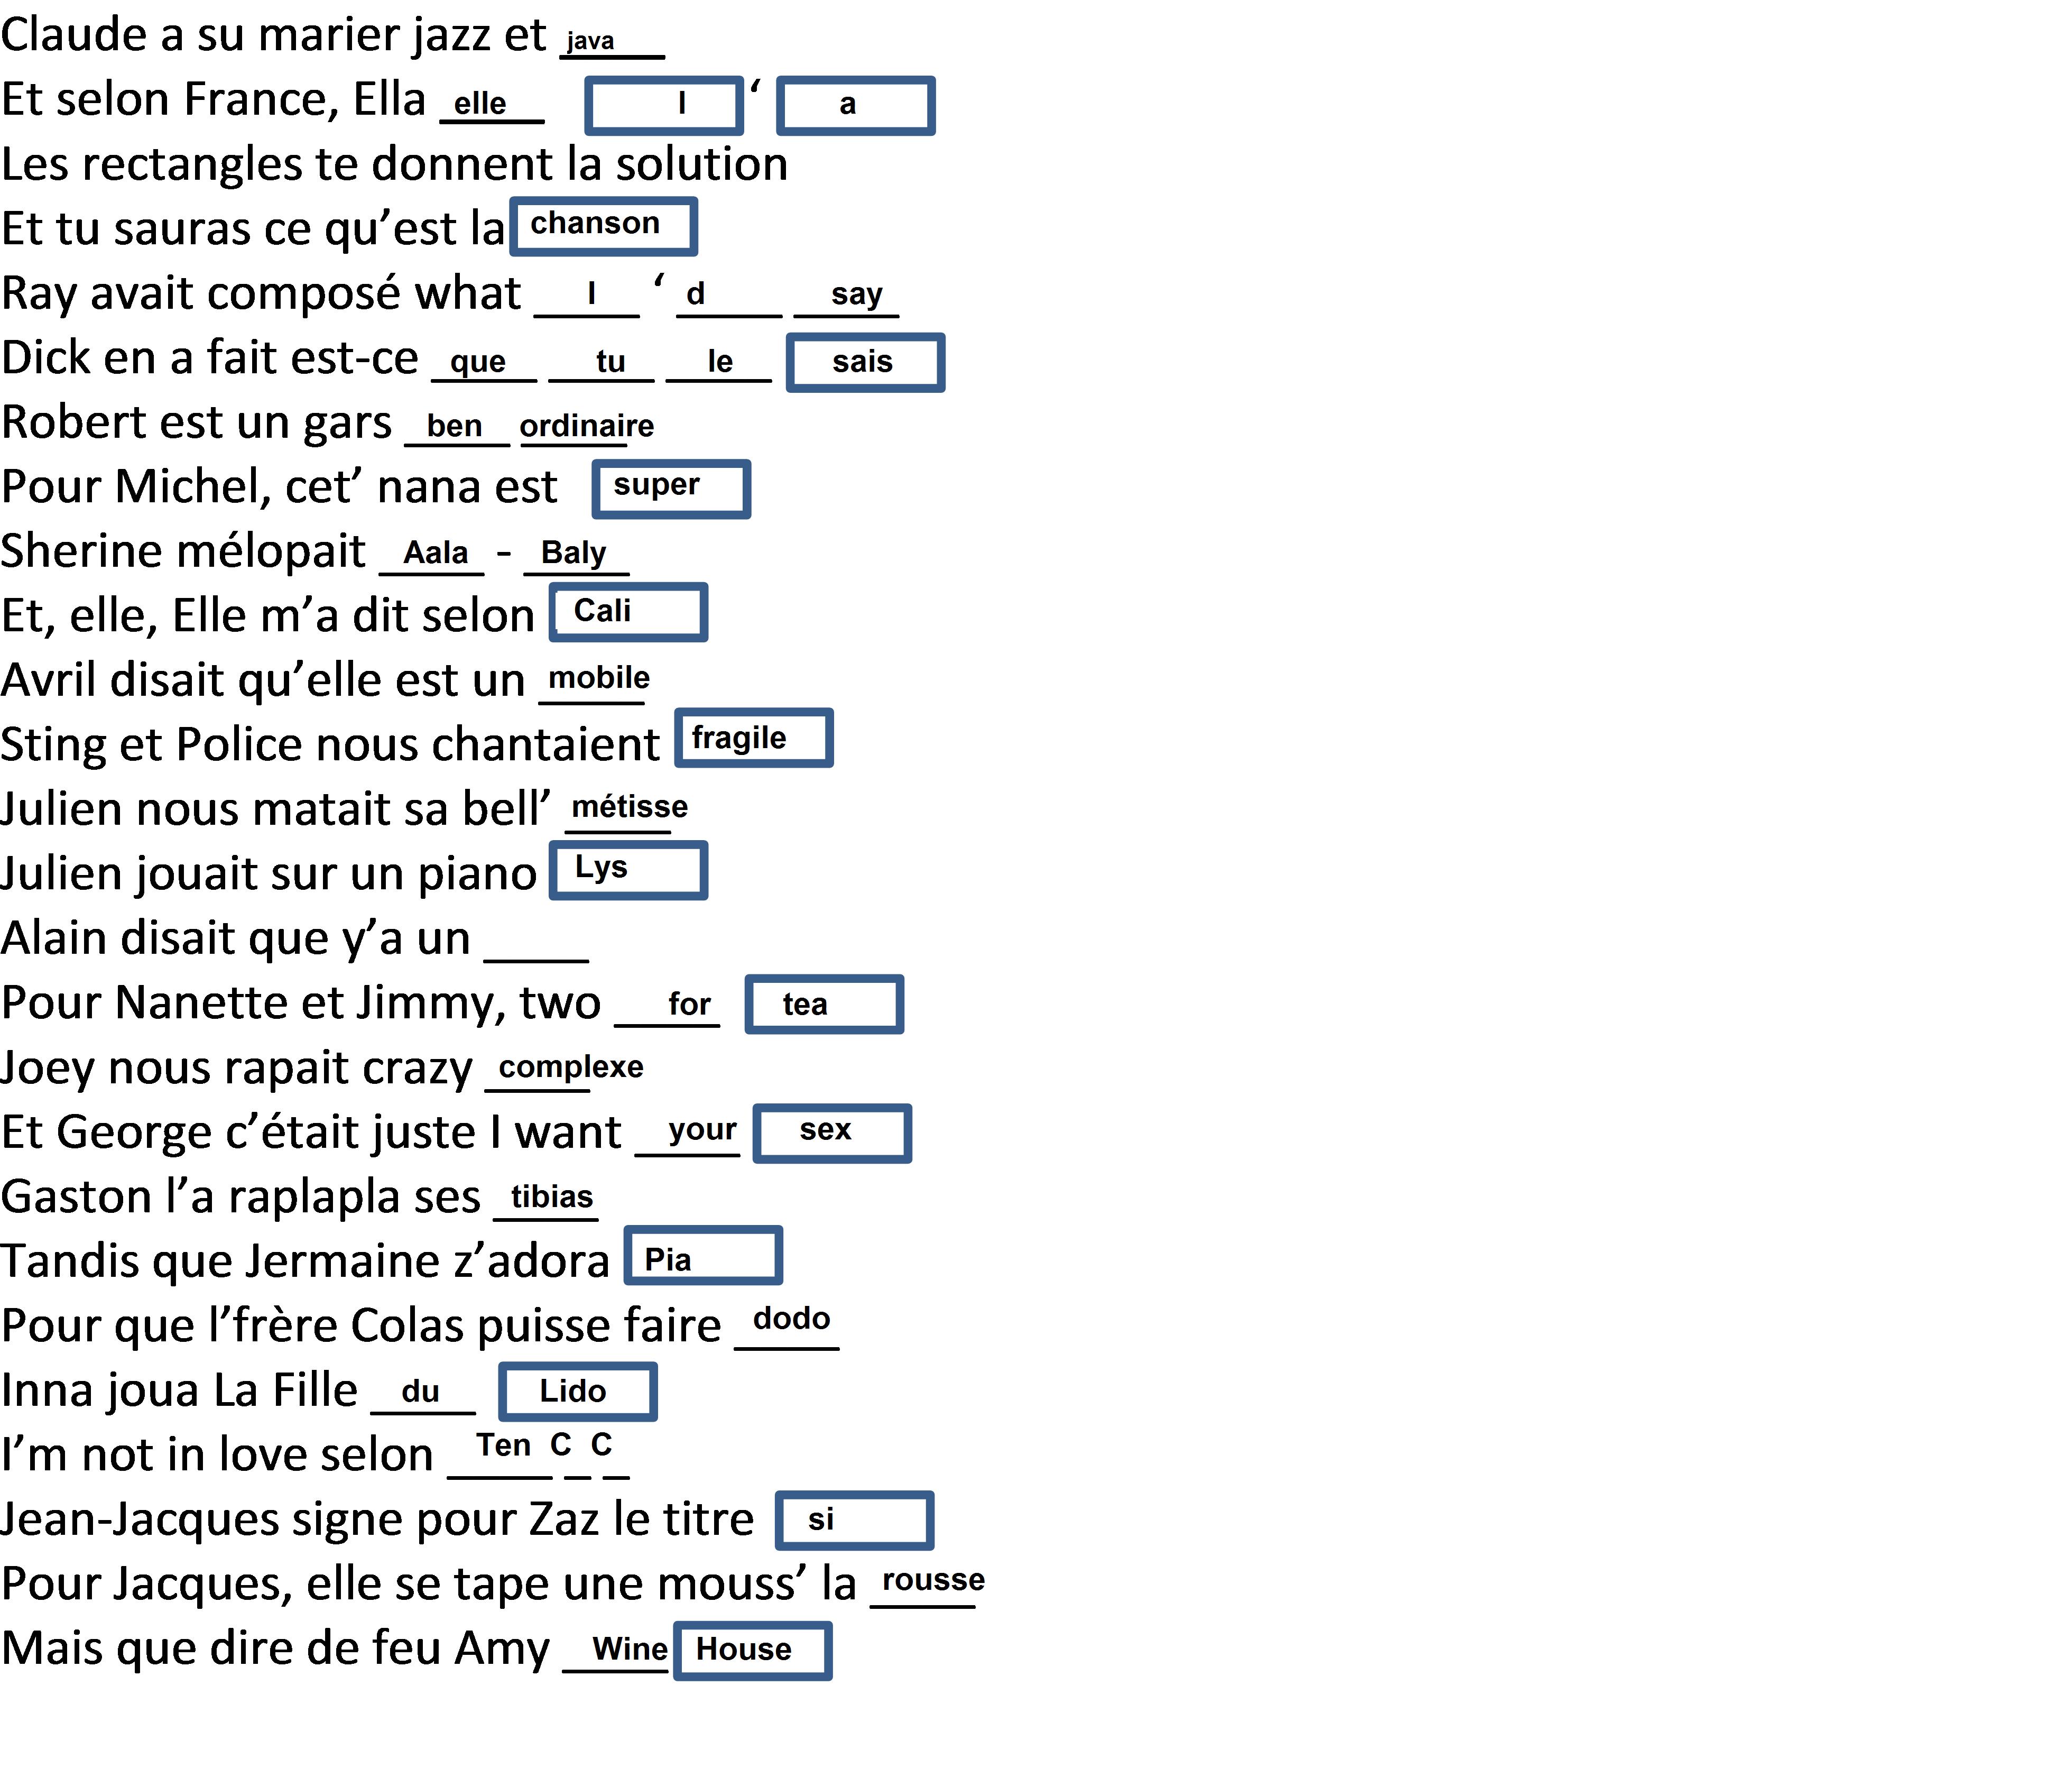 http://www.prise2tete.fr/upload/fvallee27-823292Rimesrbus.png